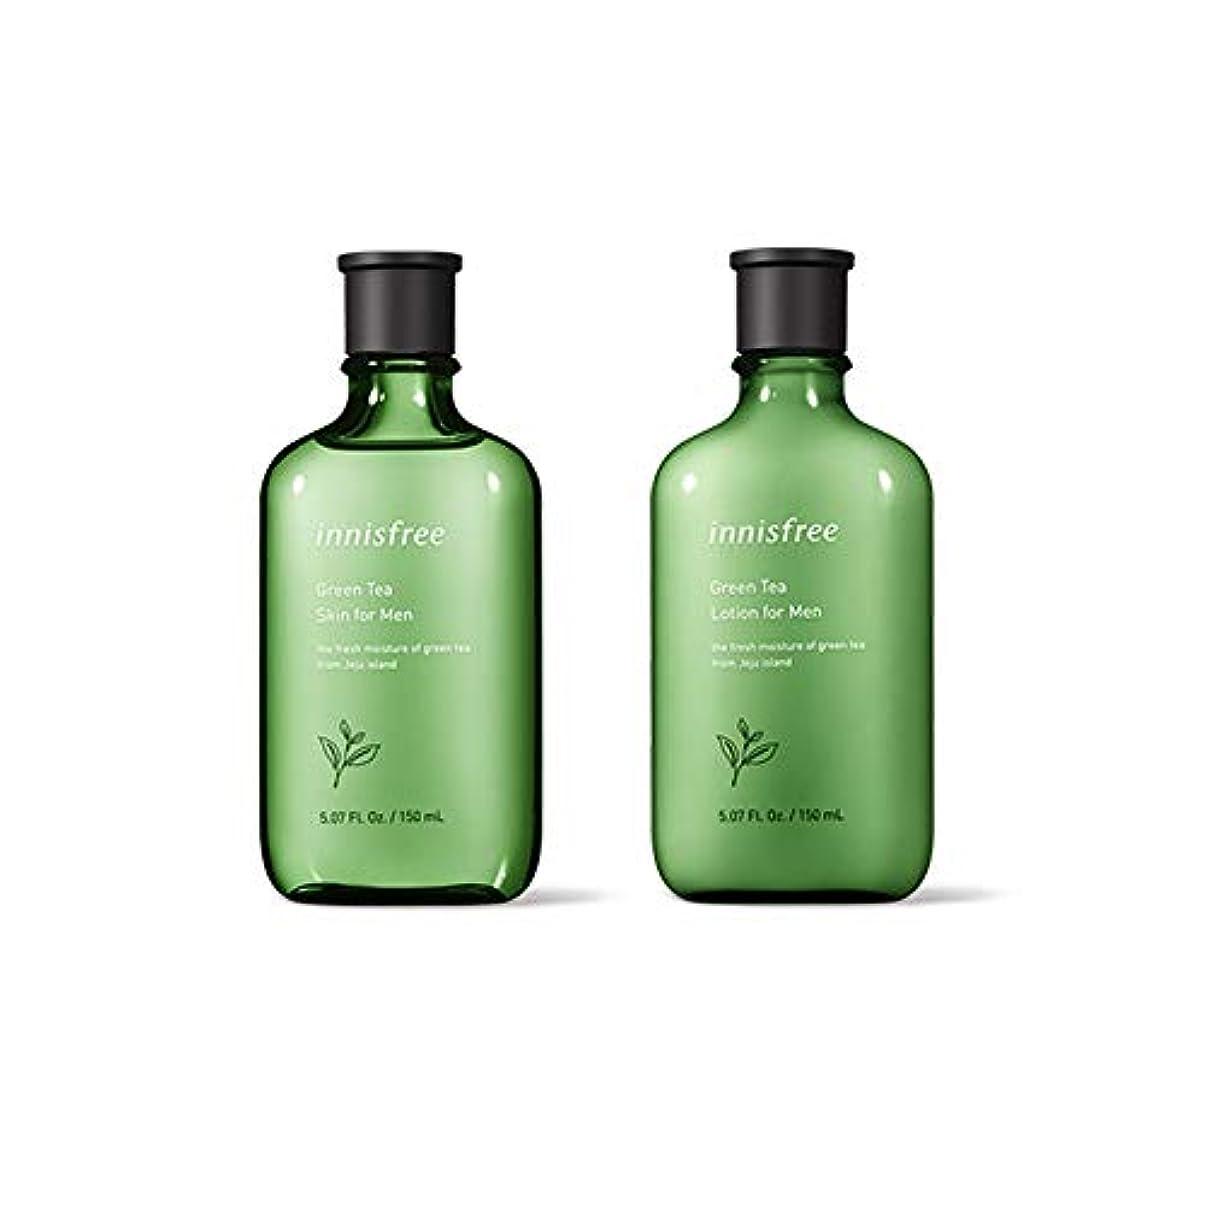 征服者避ける離婚イニスフリー Innisfree グリーンティースキン & ローションセットフォーメン(150ml+150ml) Innisfree Green Tea Skin & Lotion Set For Men(150ml+150ml) [海外直送品]